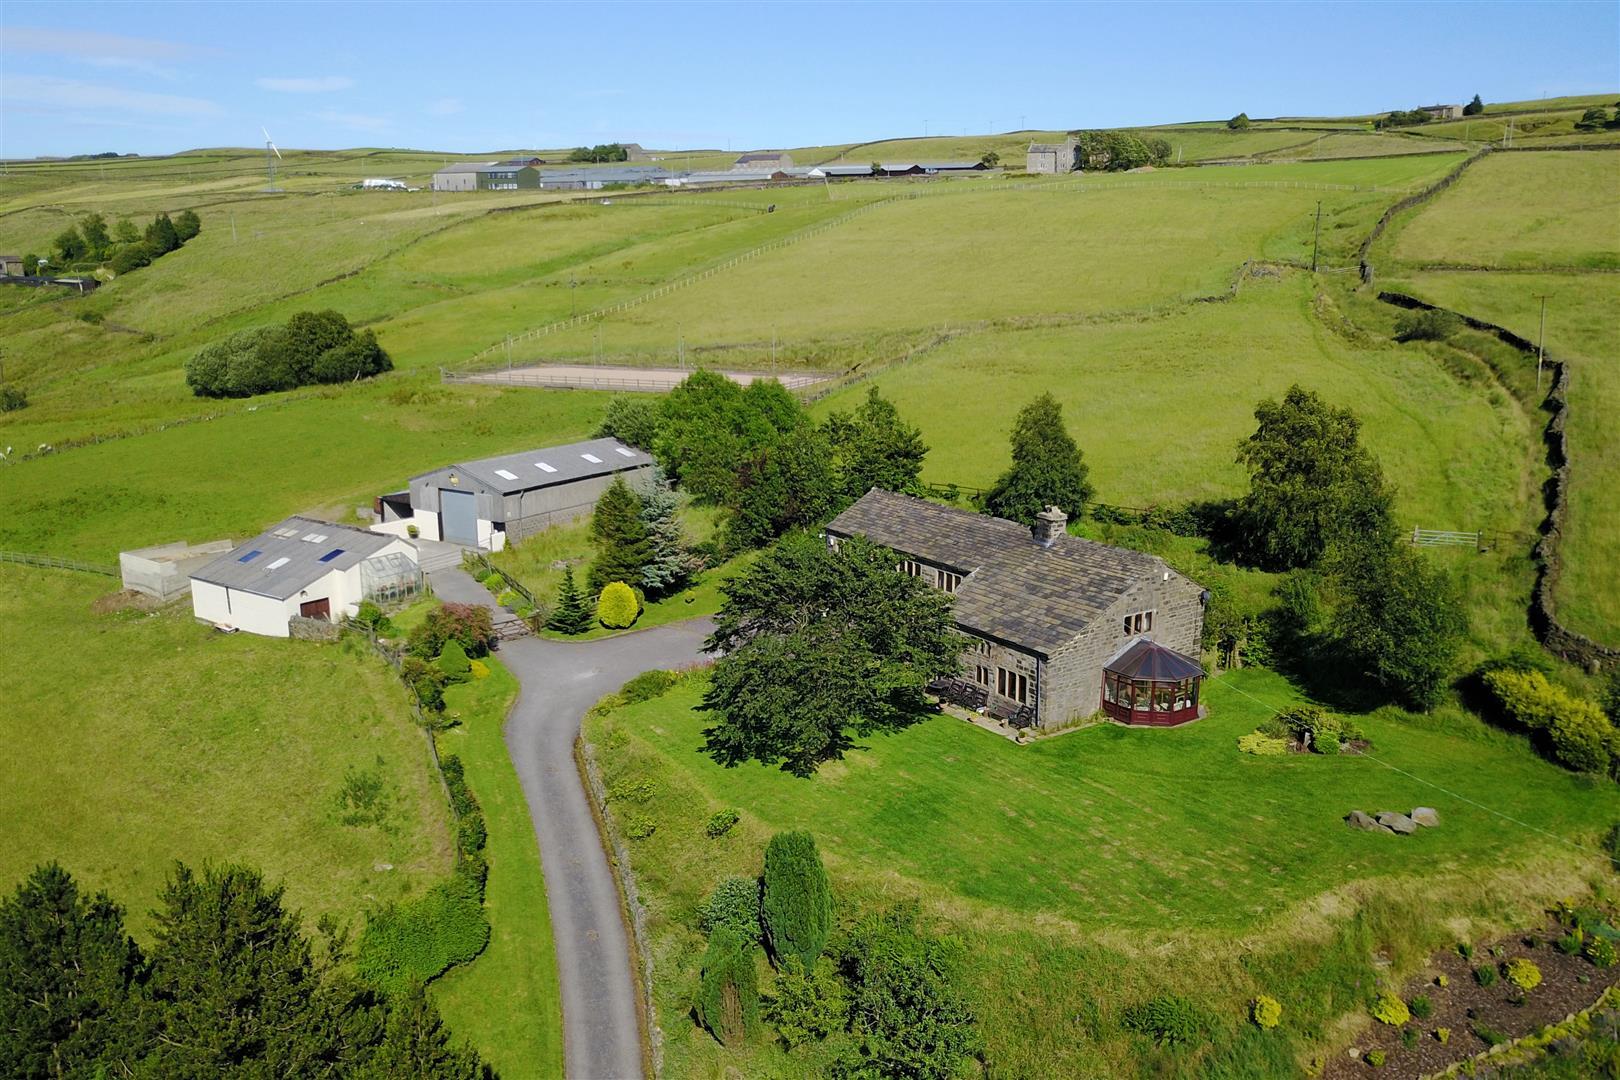 Dean Head Farm, Blackstone Edge Road, Cragg Vale, HX7 5TR